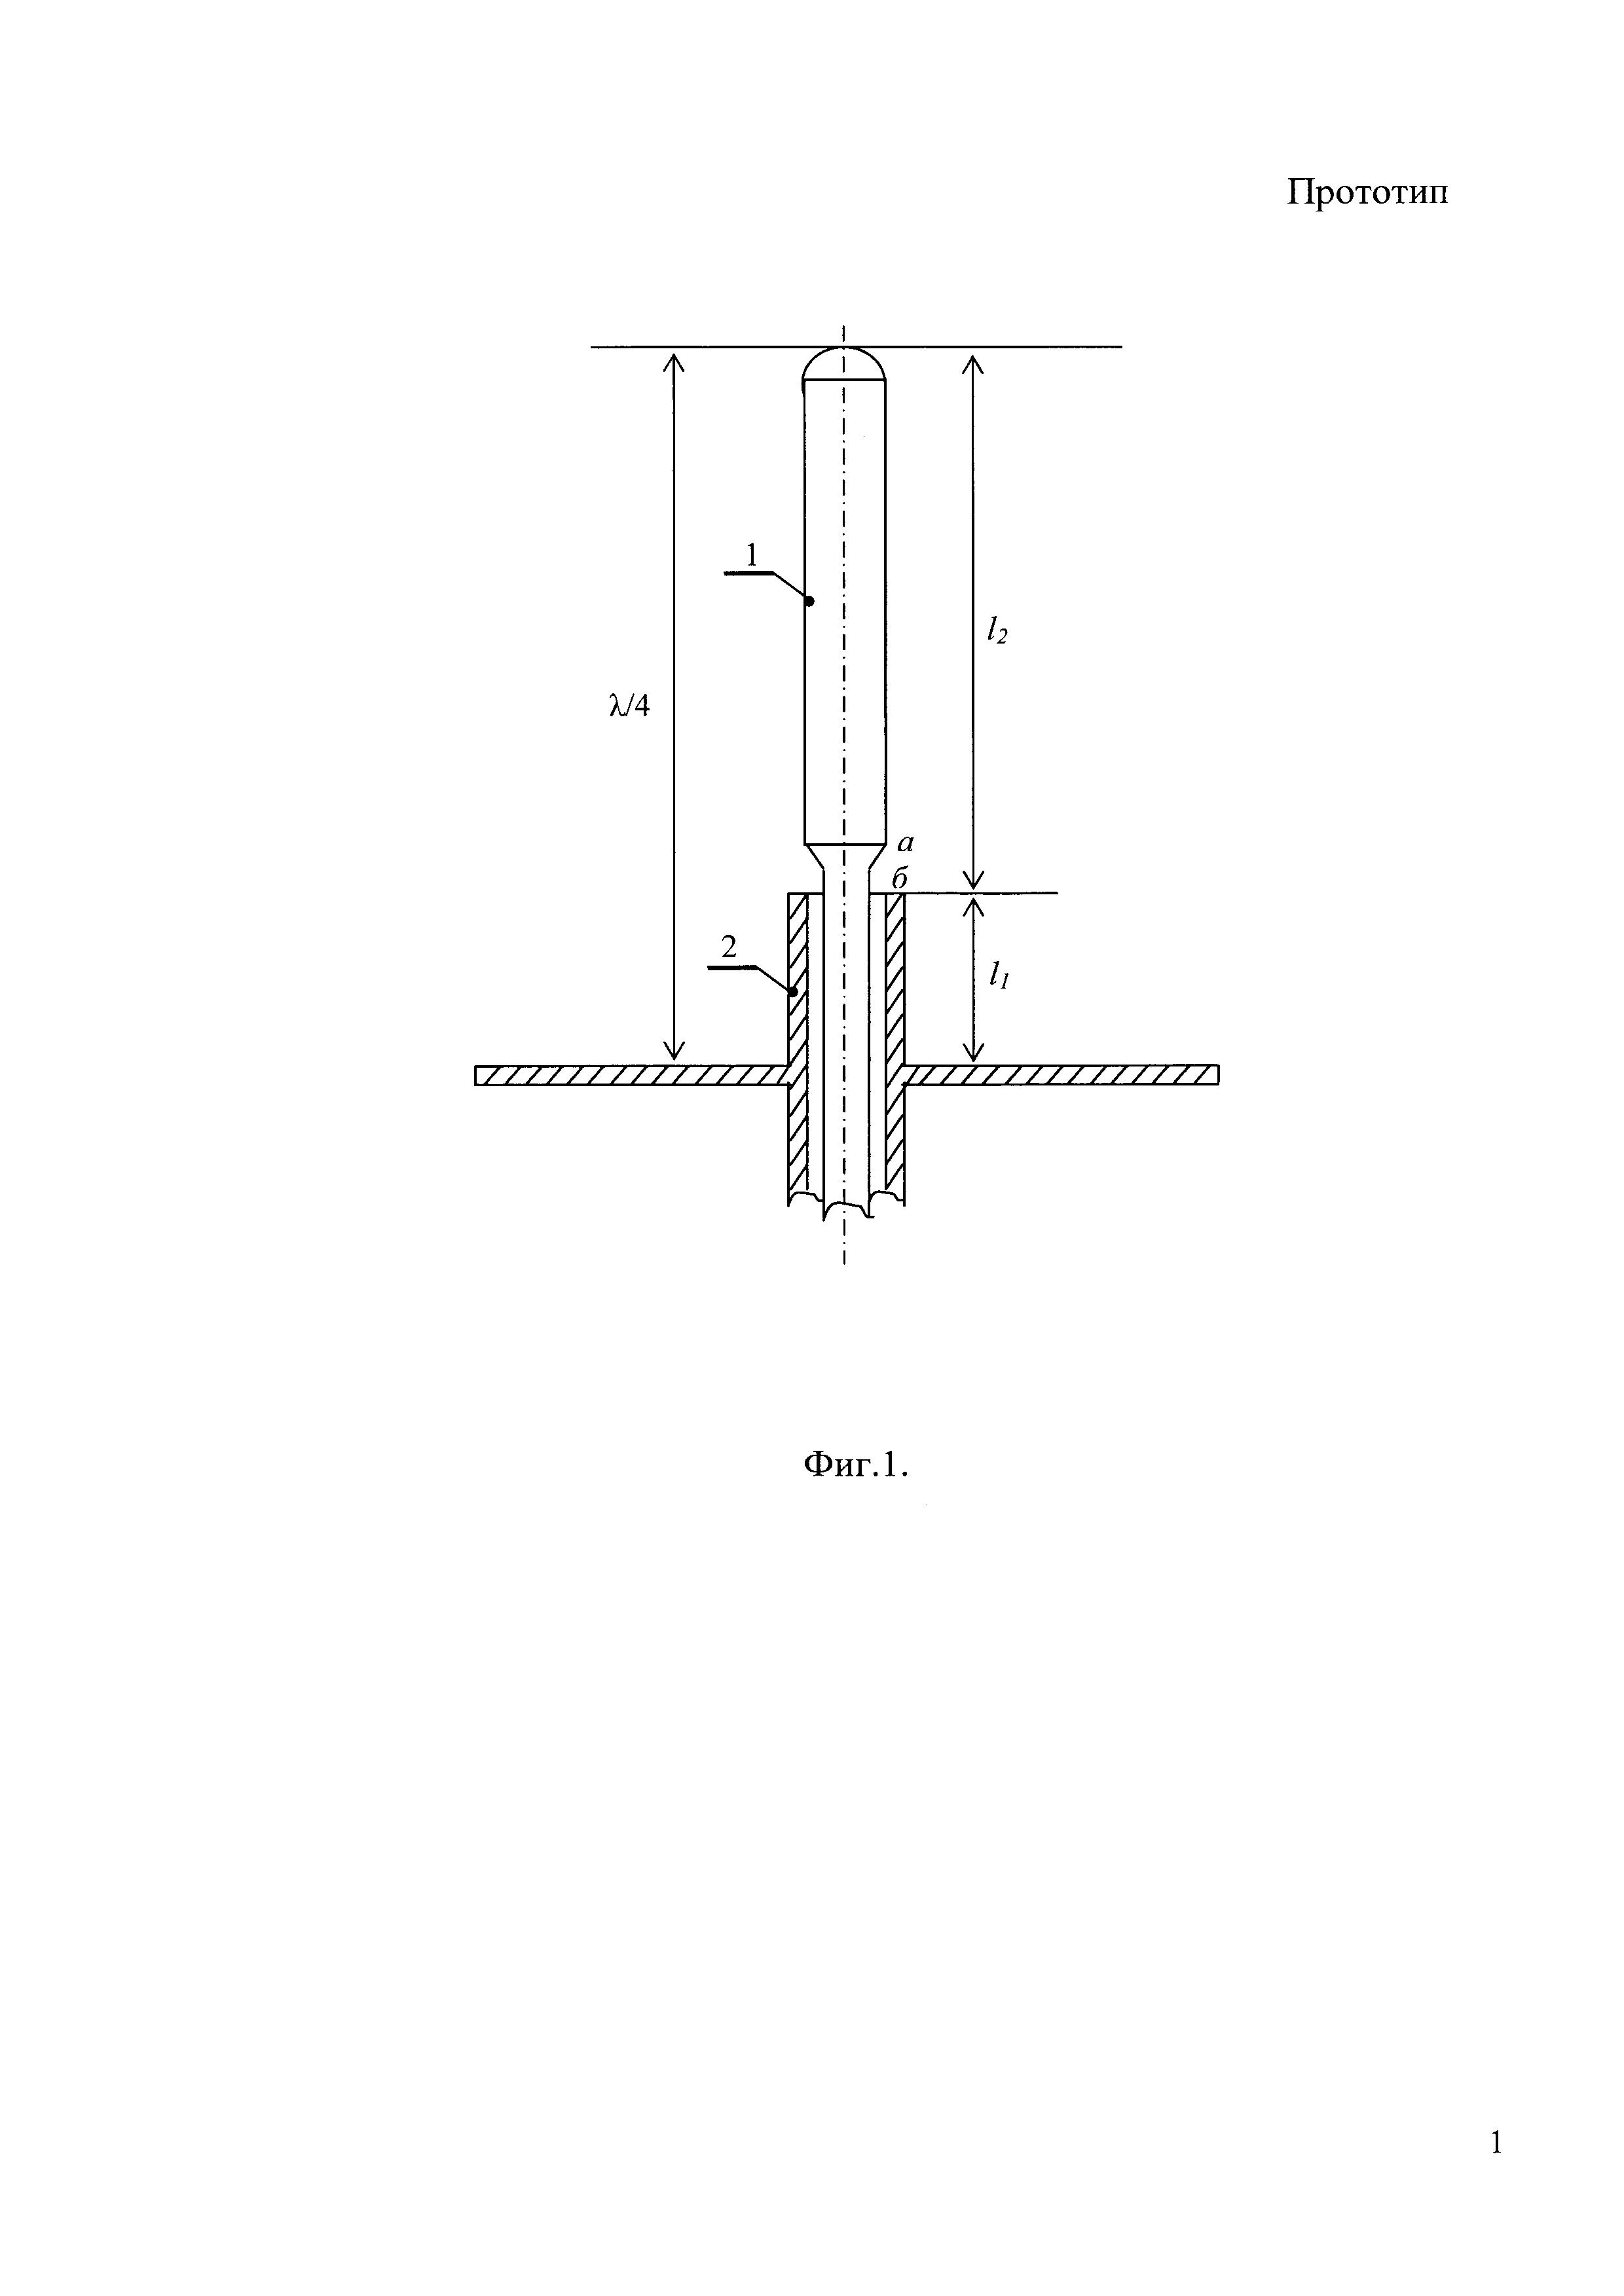 Штыревая антенна